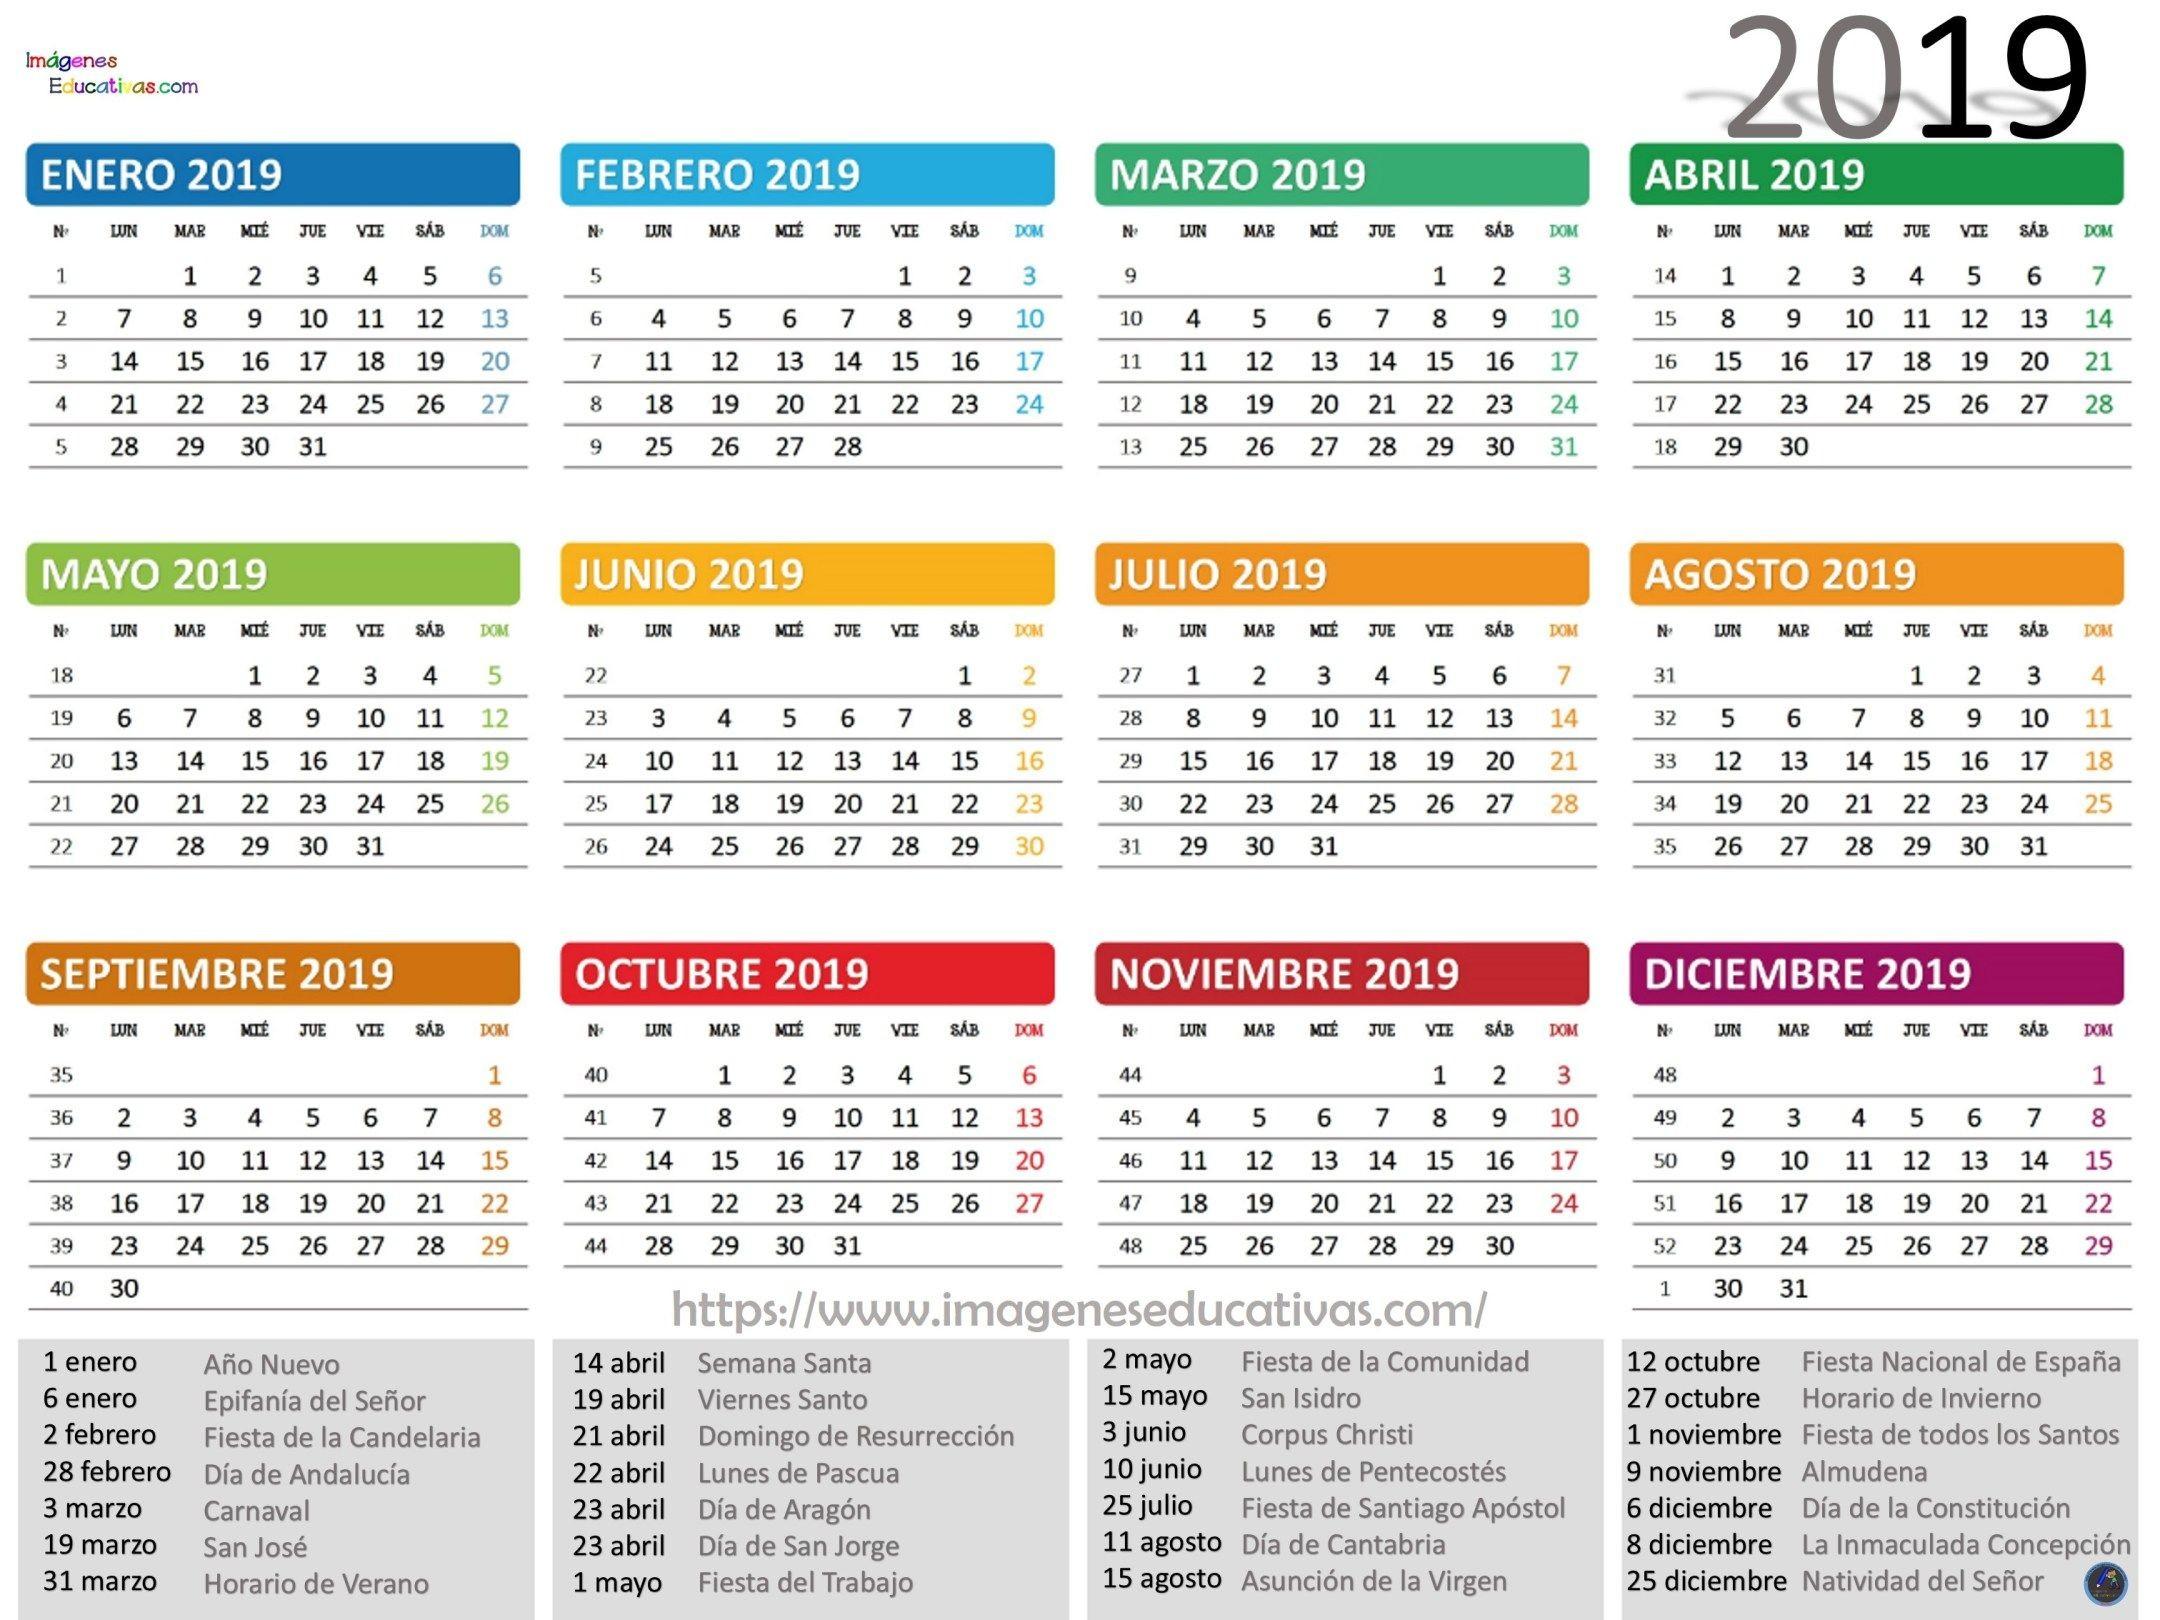 Calendario Diciembre 2019 Argentina Recientes Colecci³n De Calendarios 2019 Gran formato Listos Para Descargar E Of Calendario Diciembre 2019 Argentina Más Recientemente Liberado El Row Vuelve A Revolucionar Ushua¯a Ibiza Este Miércoles 22 De Agosto